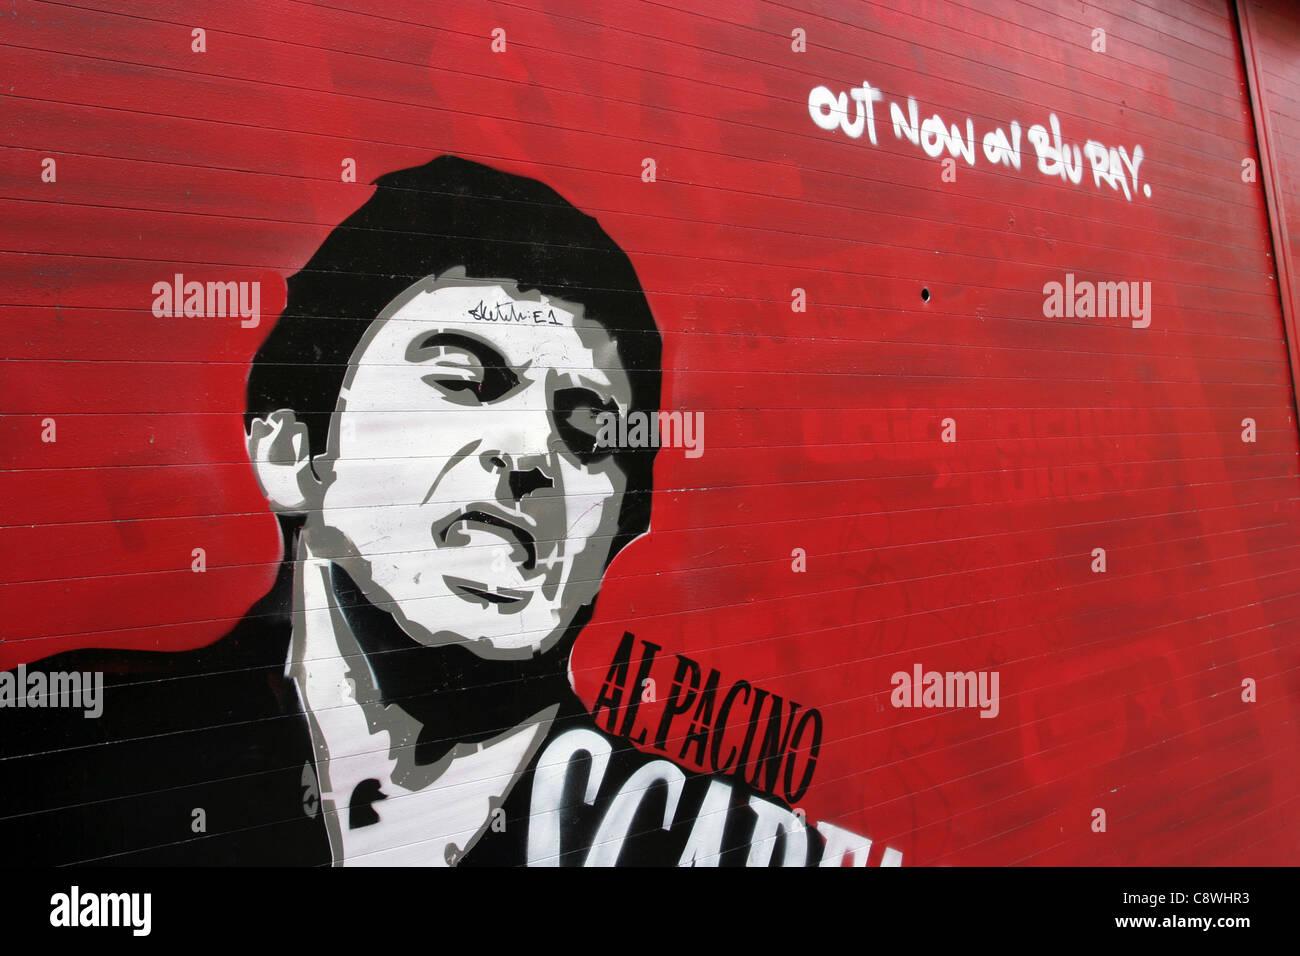 Al Pacino Scarface Blu Ray Graffiti Street Art Advertisement - Stock Image